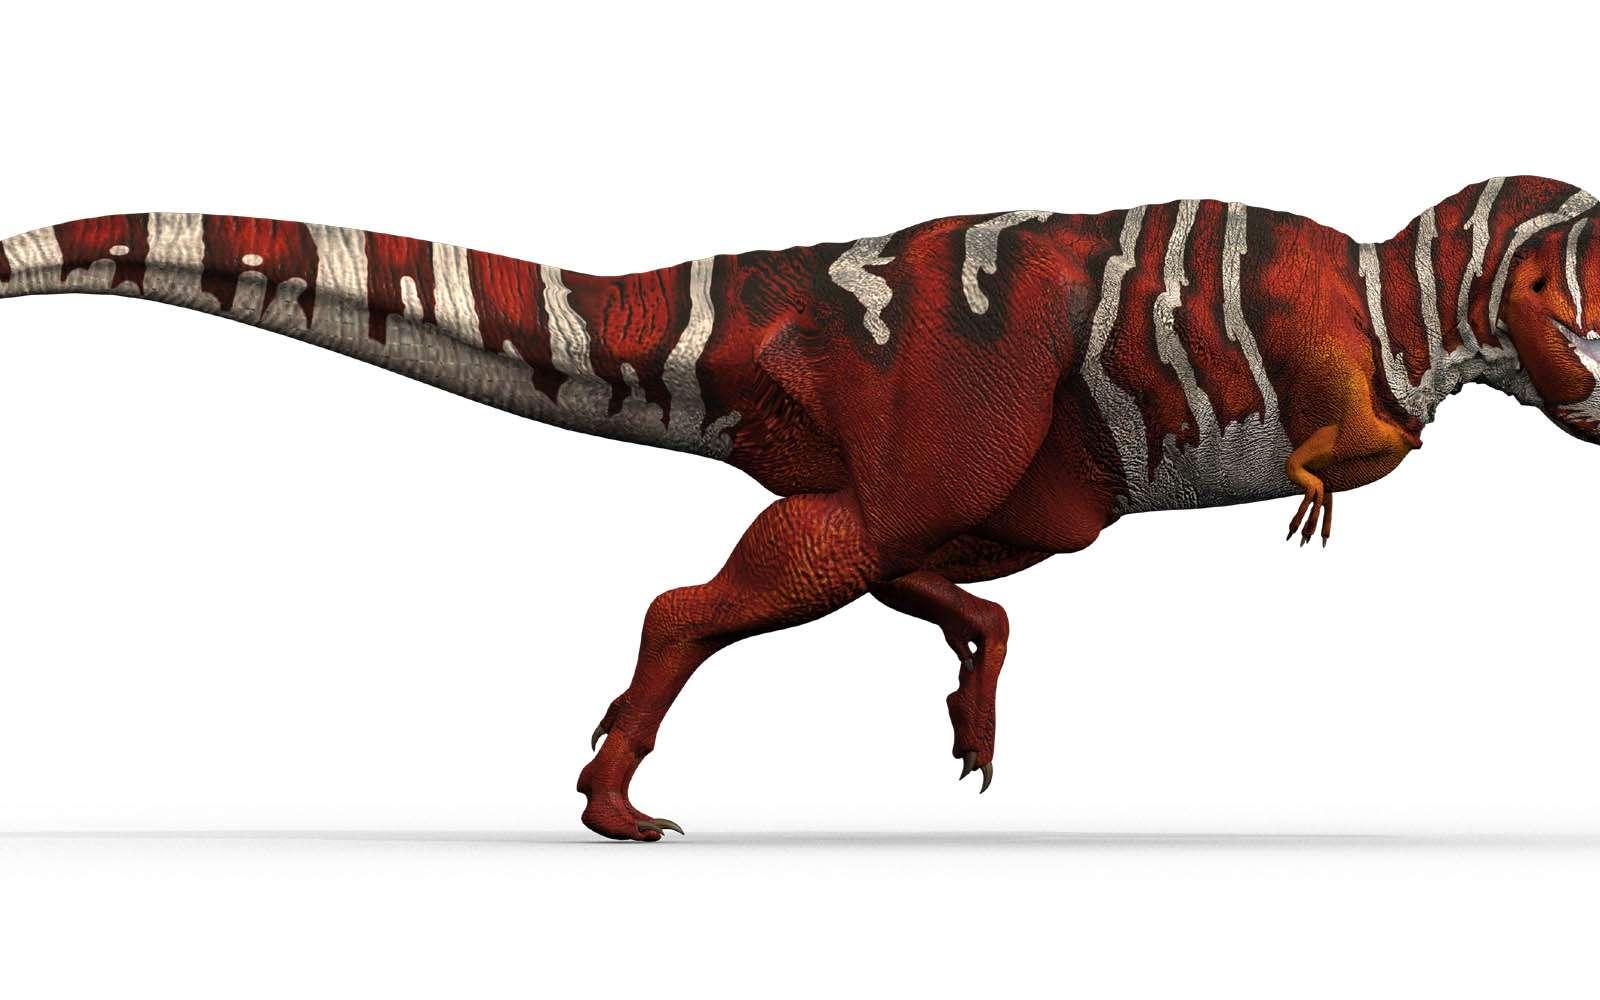 Un tyrannosaure, qui vivait au Jurassique, lointain descendant des premiers protodinosaures bipèdes du Trias. © Domaine public